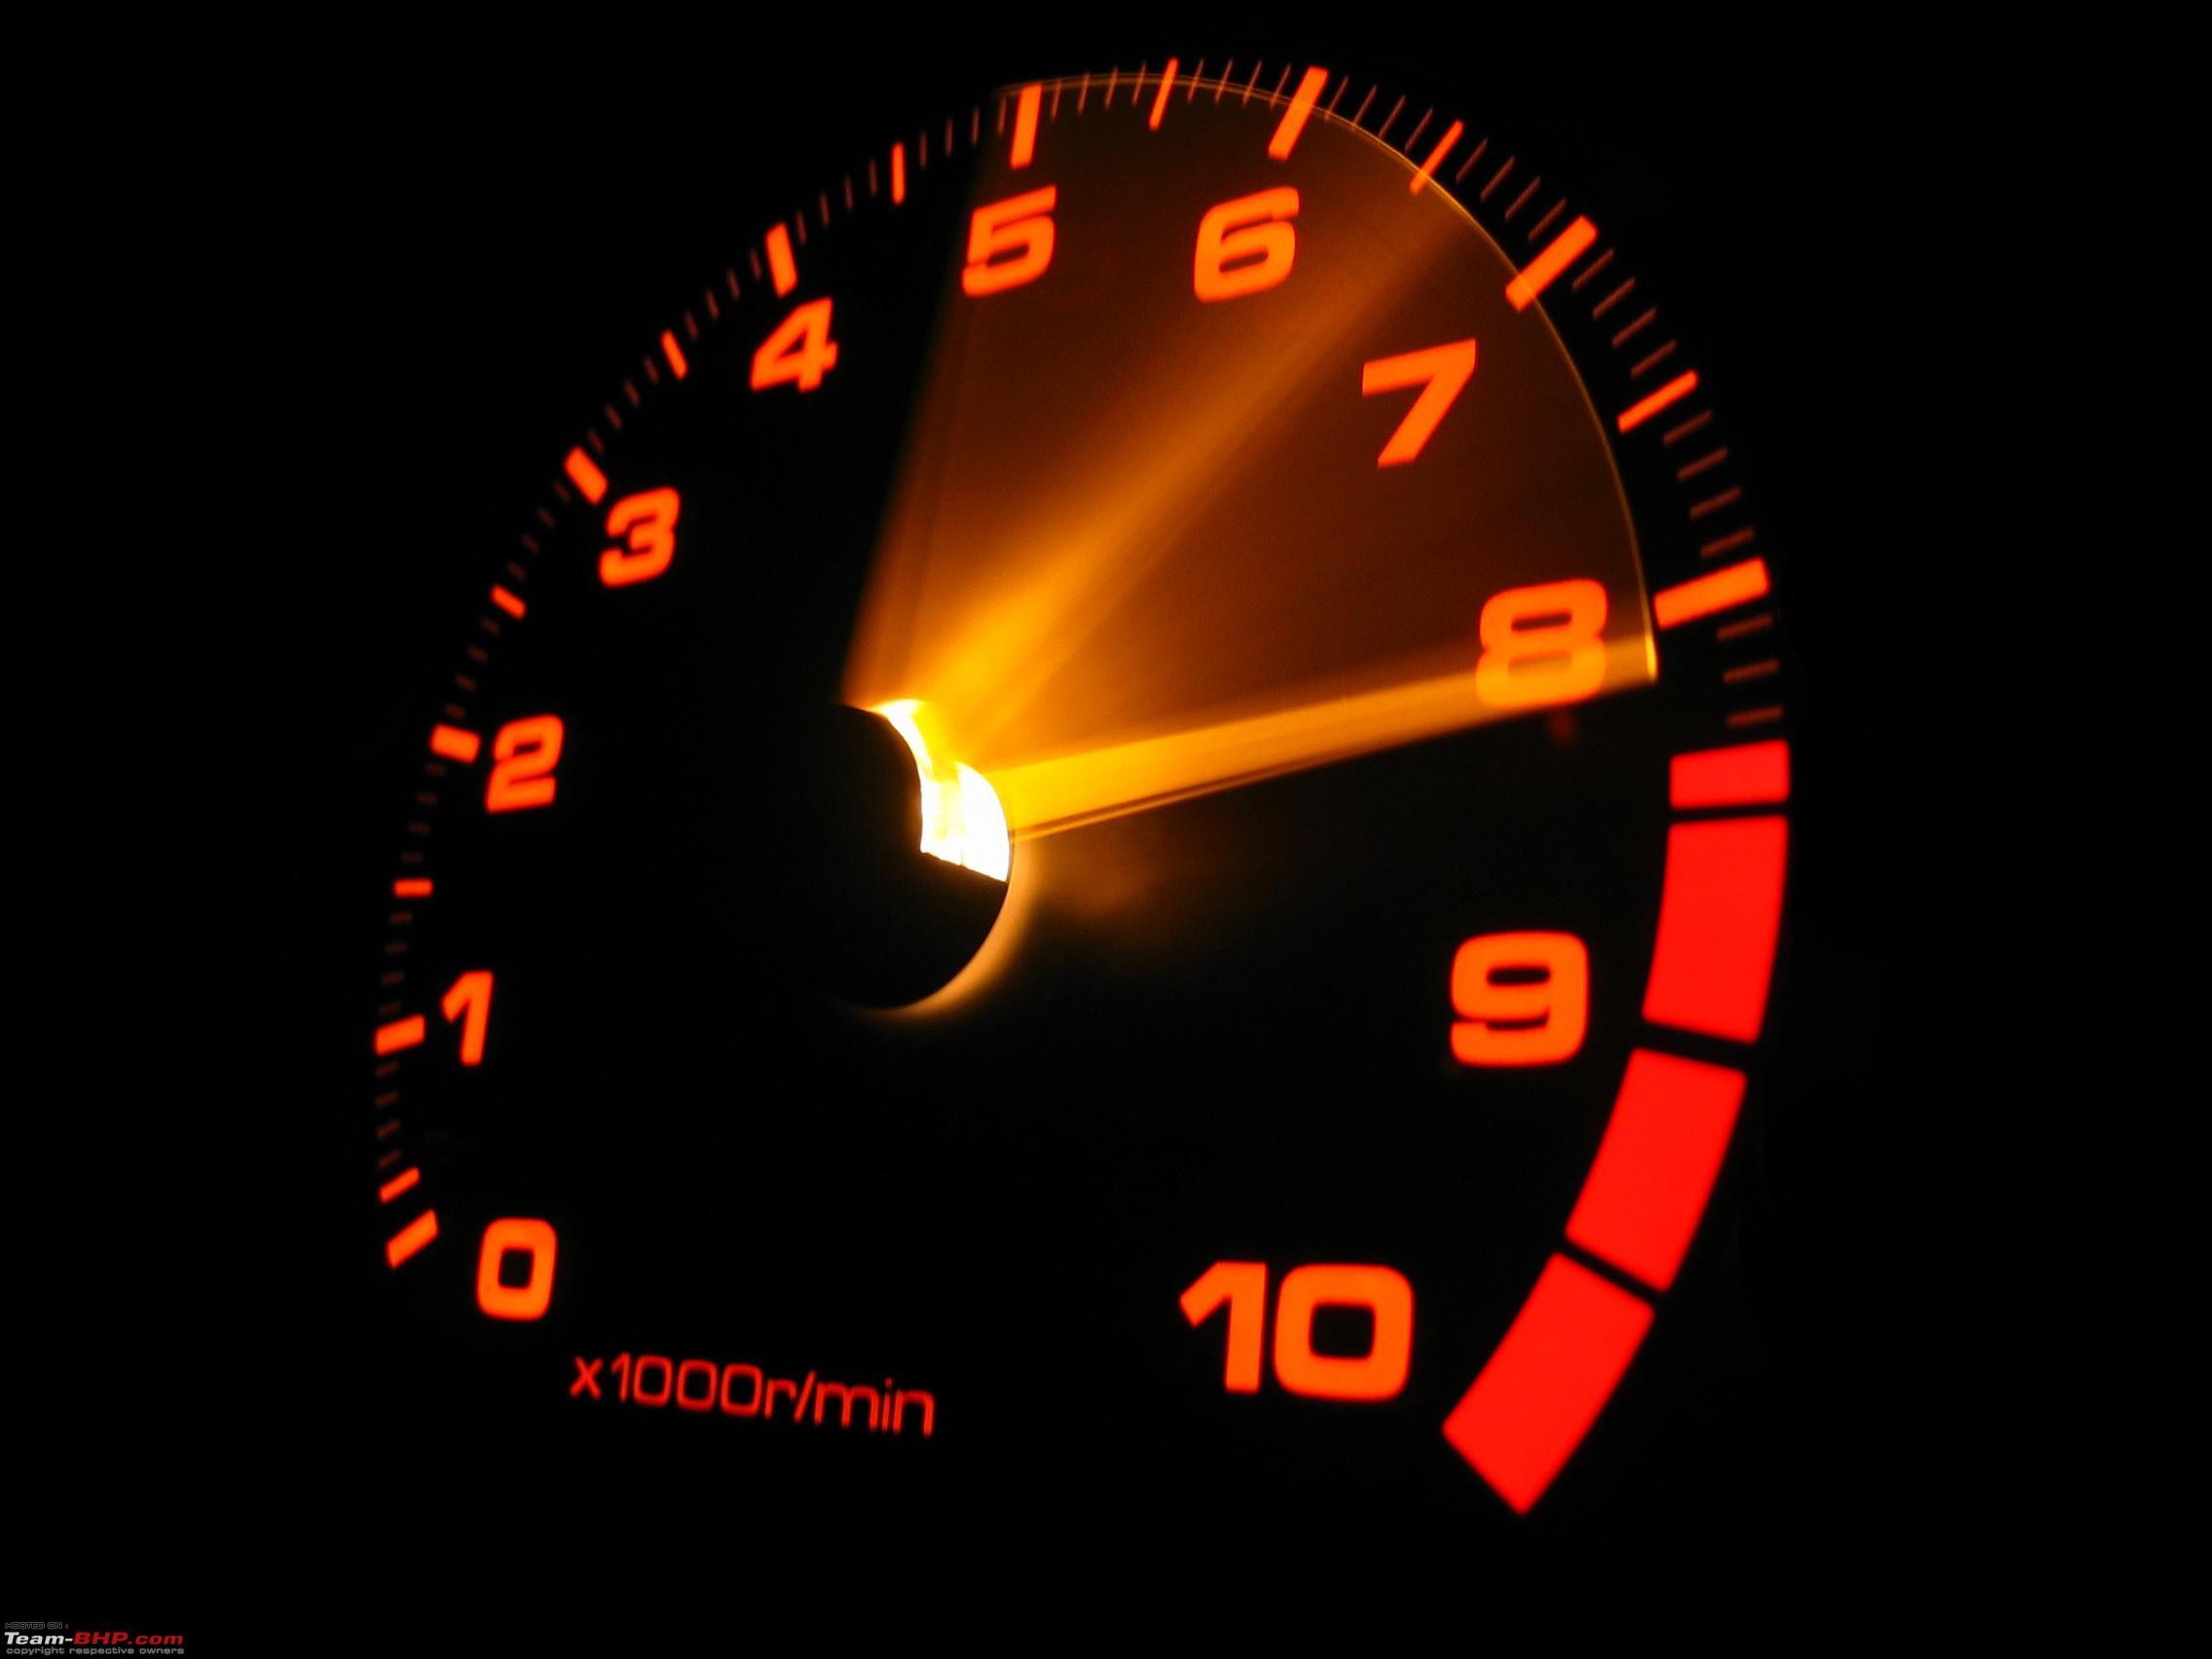 спидометр speedometer  № 2611076 бесплатно